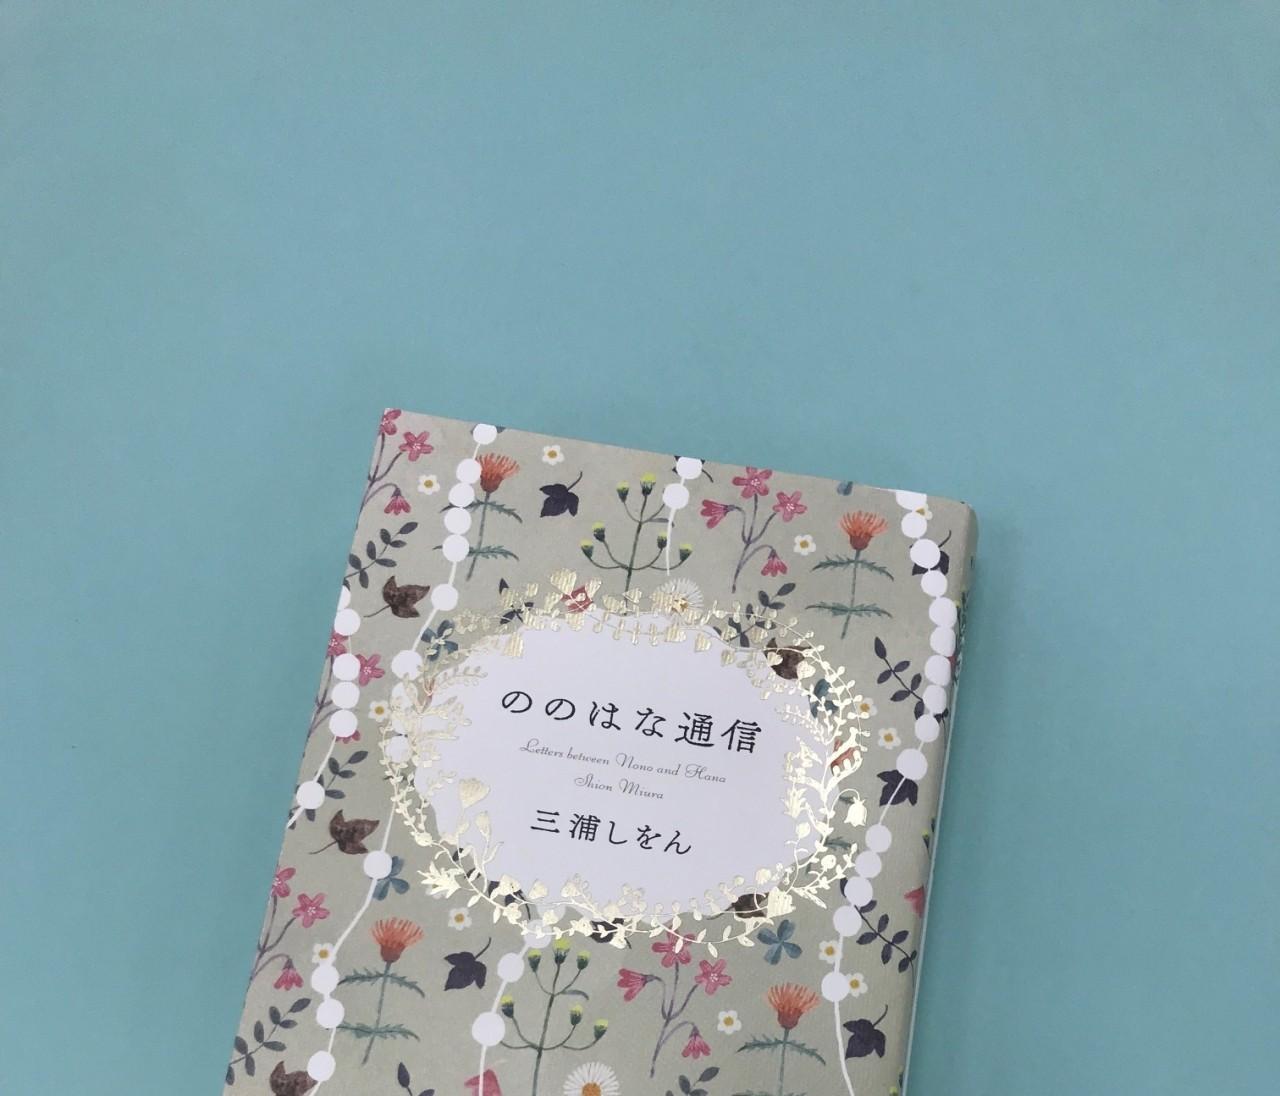 三浦しをんさんの新刊、「ののはな通信」に涙・・・